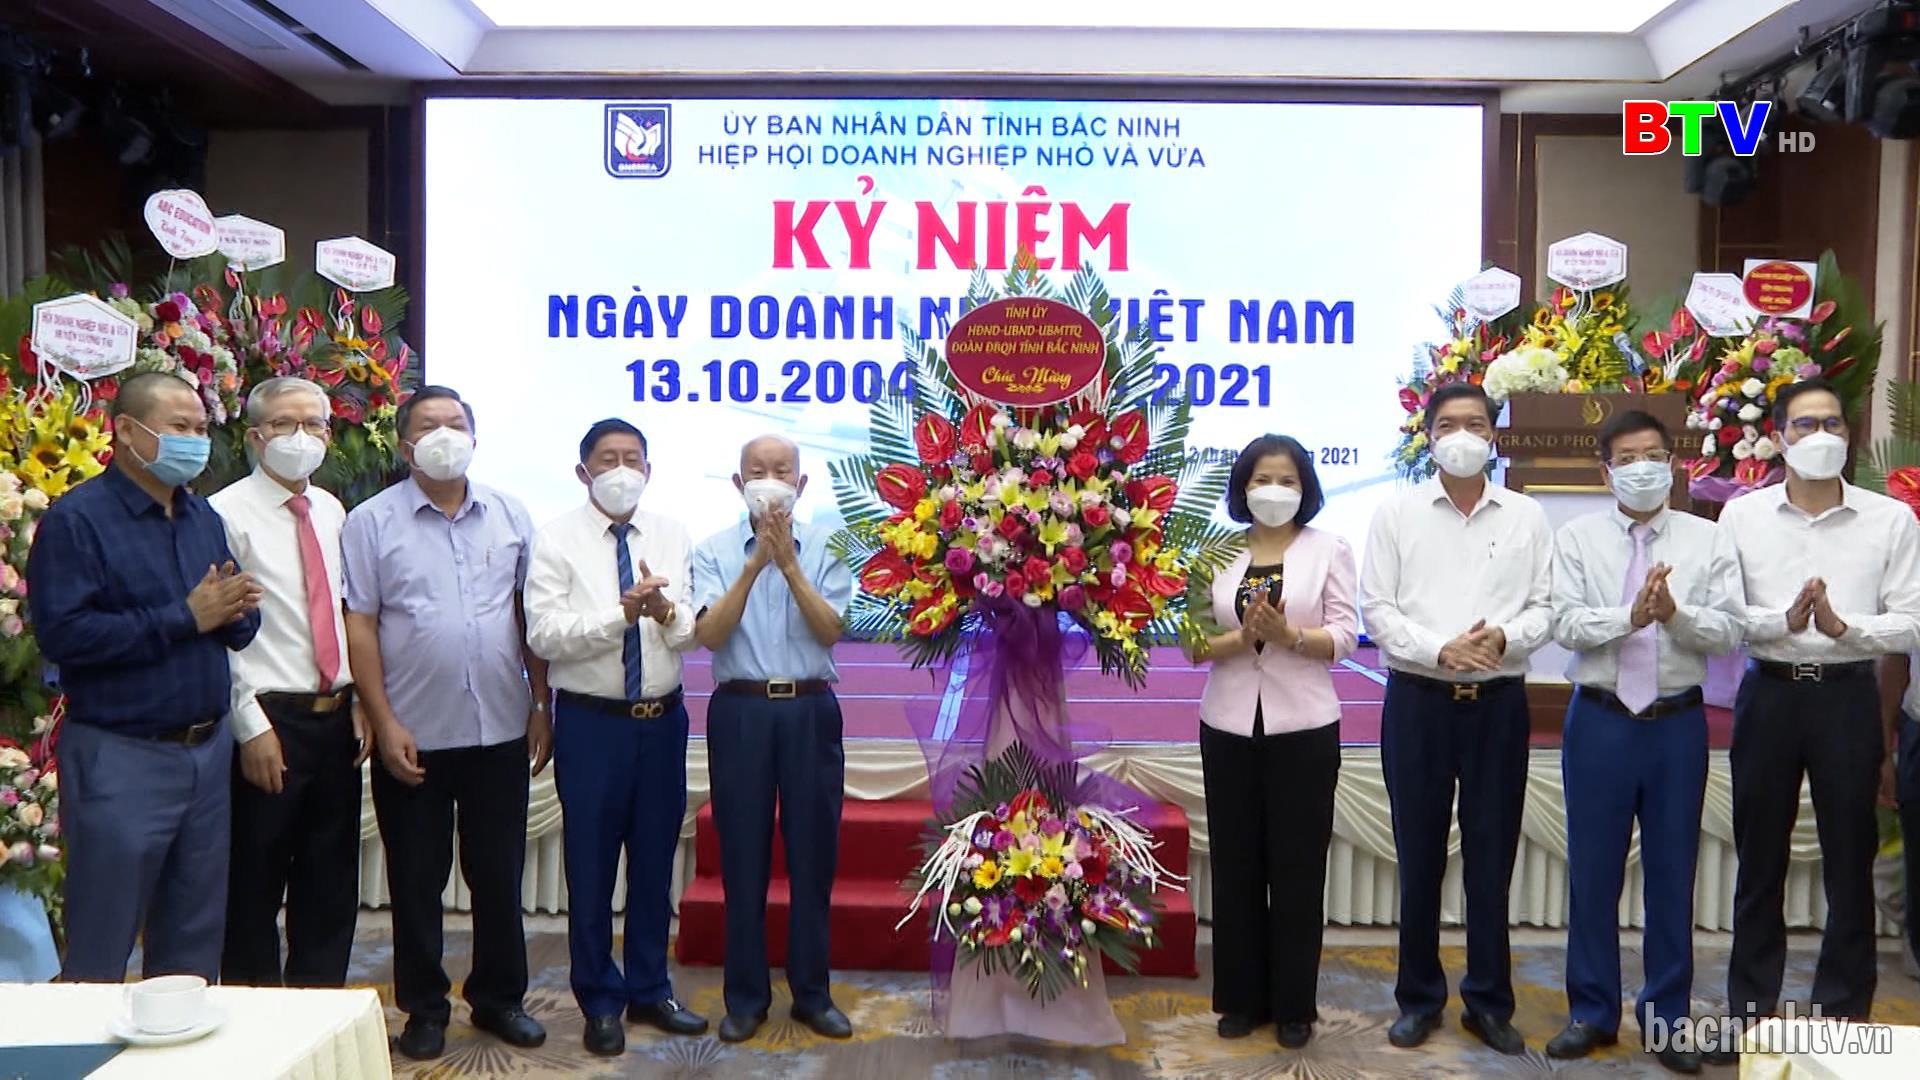 Chủ tịch UBND tỉnh thăm, chúc mừng Ngày Doanh nhân Việt Nam